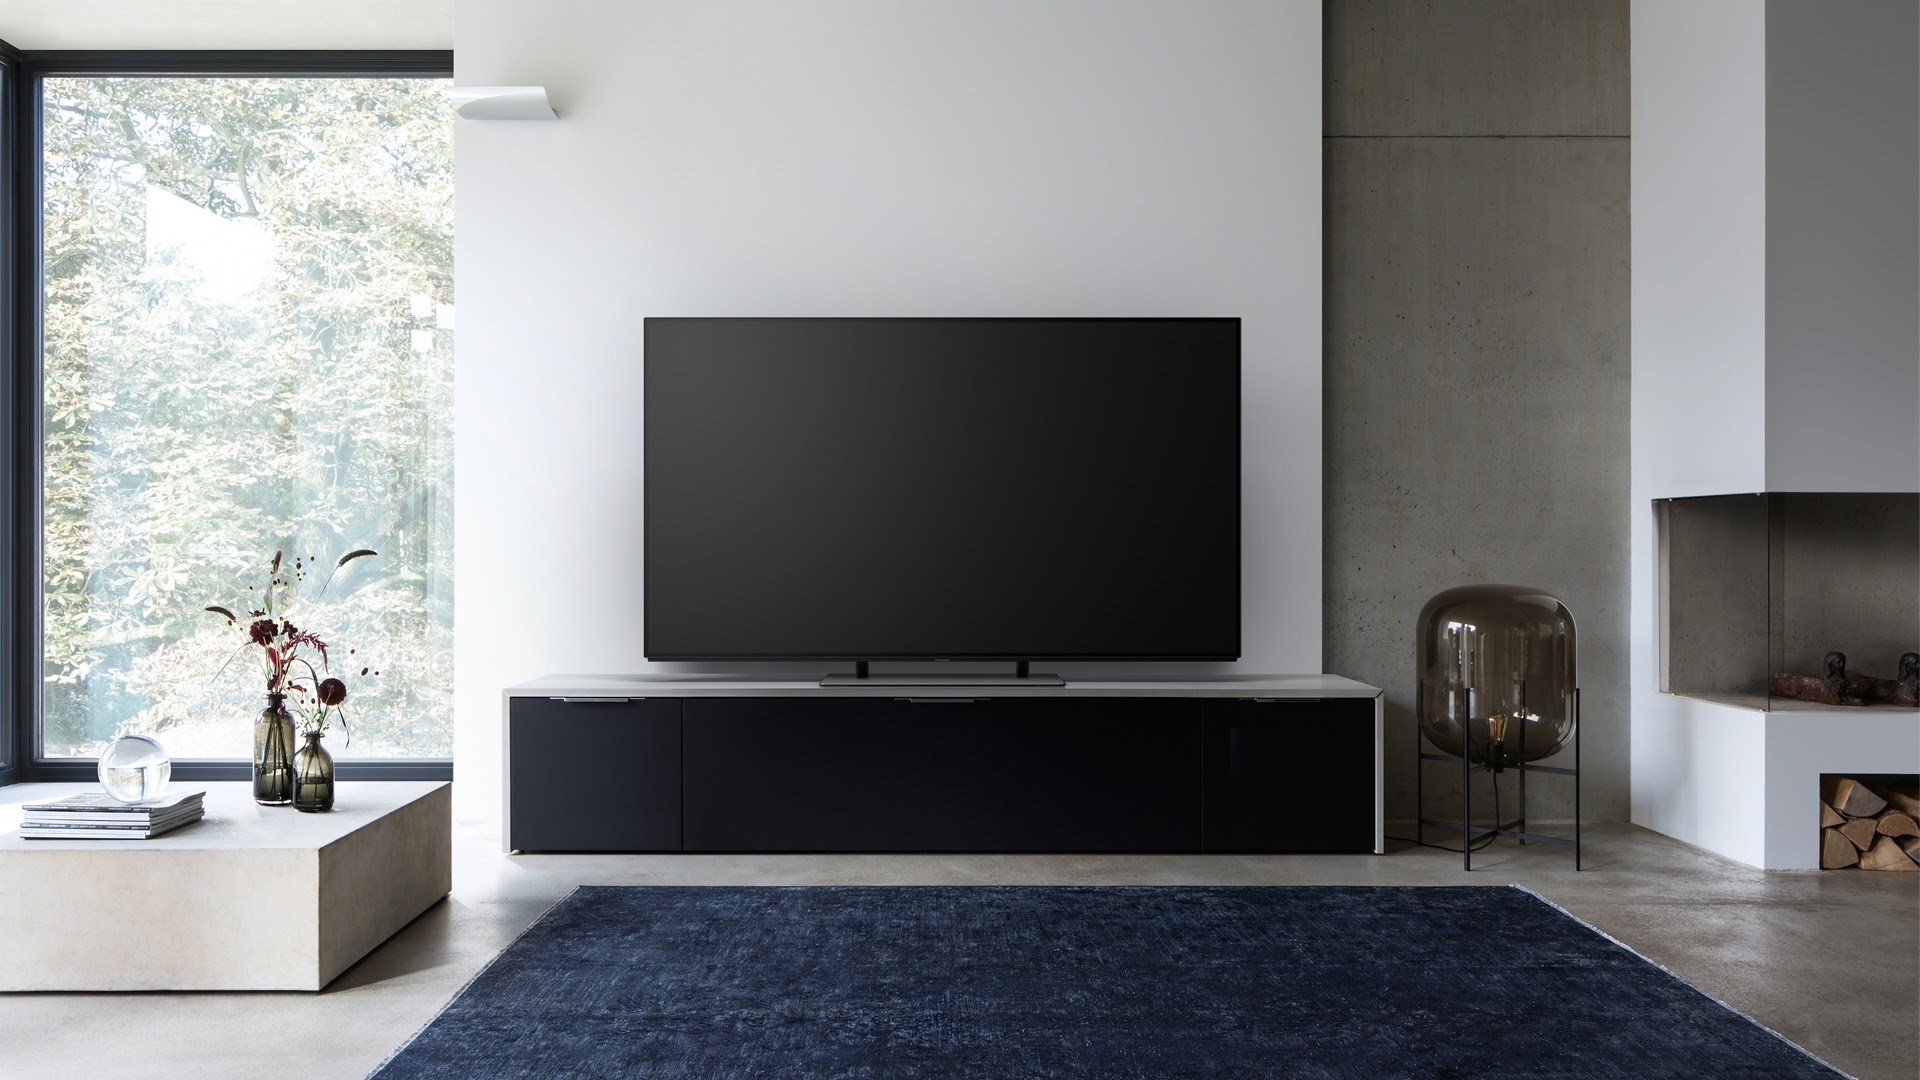 Panasonic TX-55FZ952B OLED TV